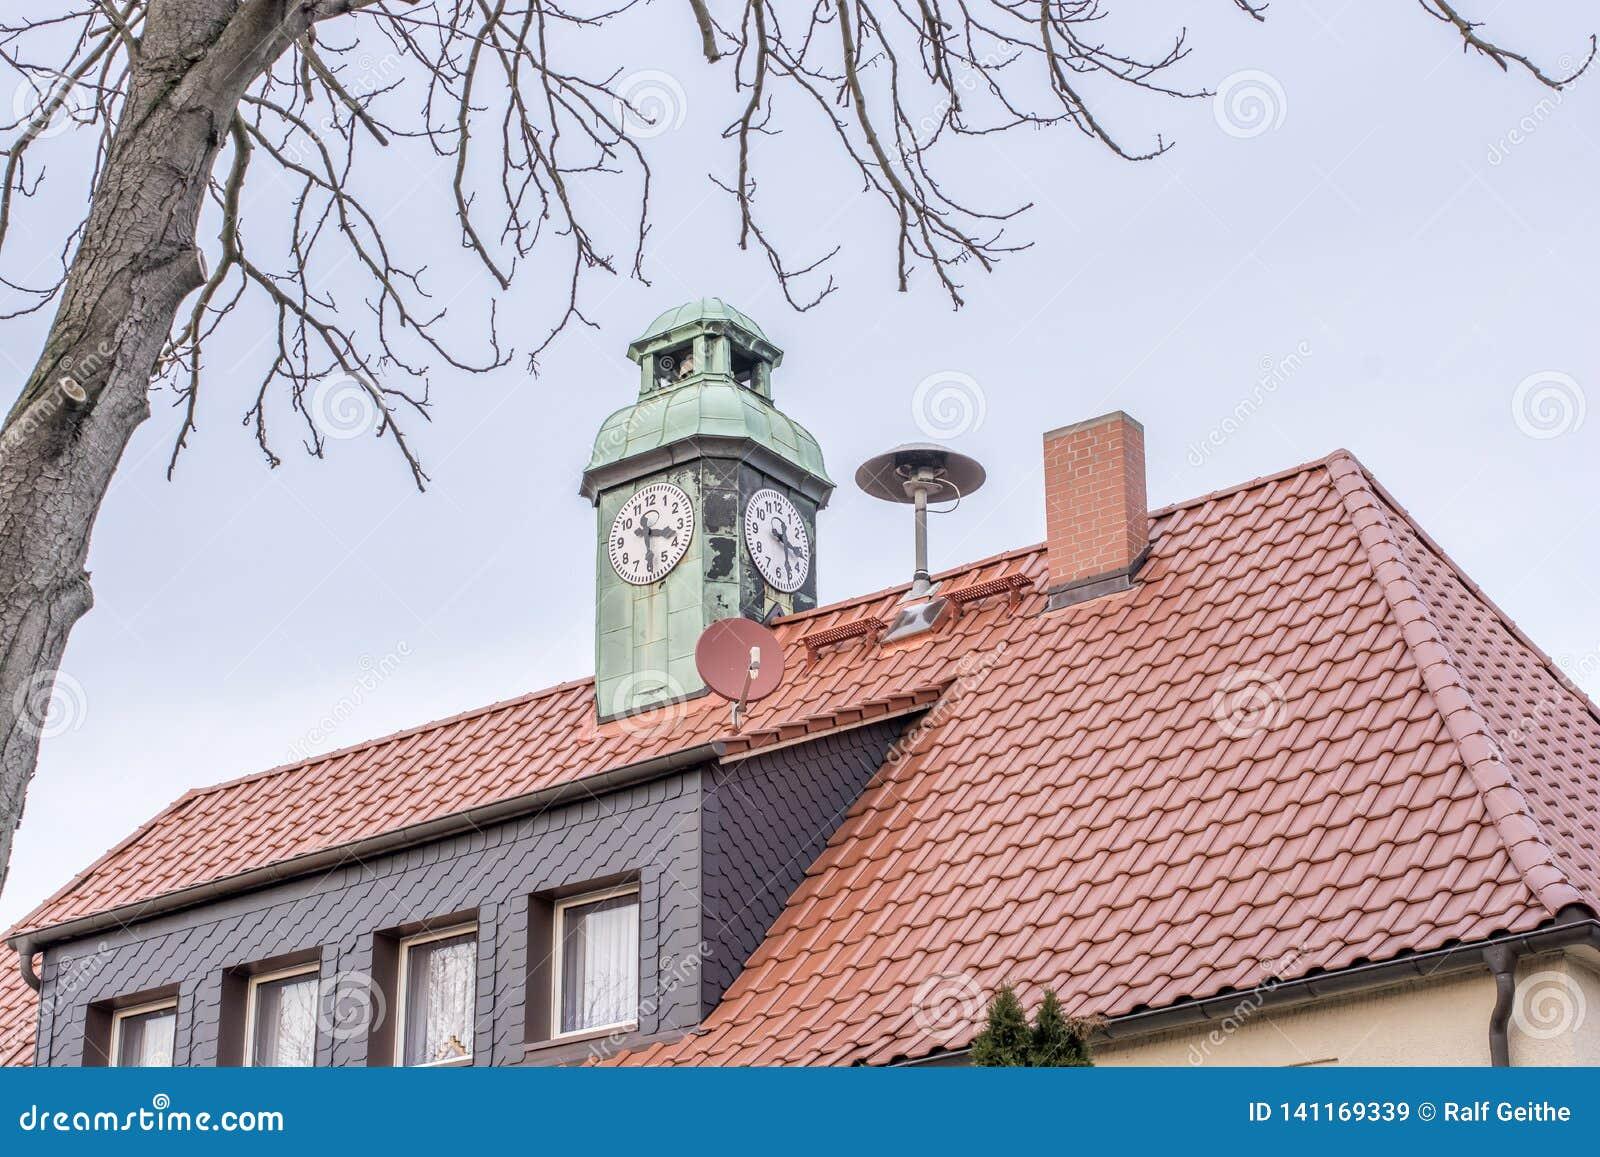 Chambre avec la tour d horloge et la sirène du corps de sapeurs-pompiers local sur le toit